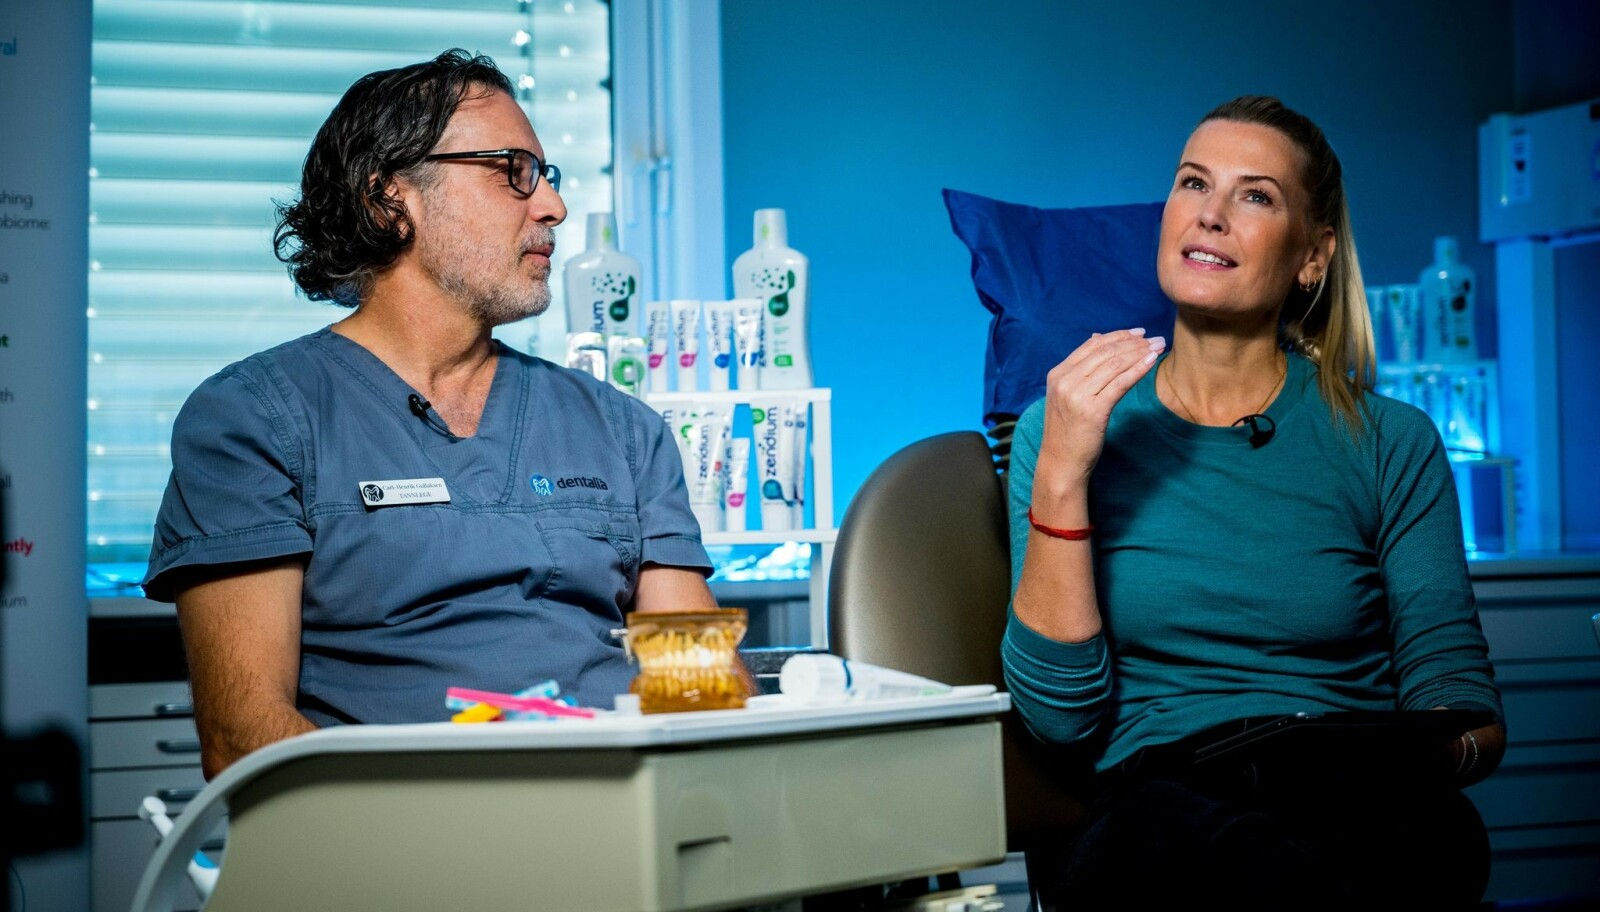 <strong>I TANNLEGESTOLEN:</strong> Programleder og Zendium-ambassadør Vibeke Klemetsen grillet tannlege Carl- Henrik Gullaksen med leserspørsmål i over en time på direkten.